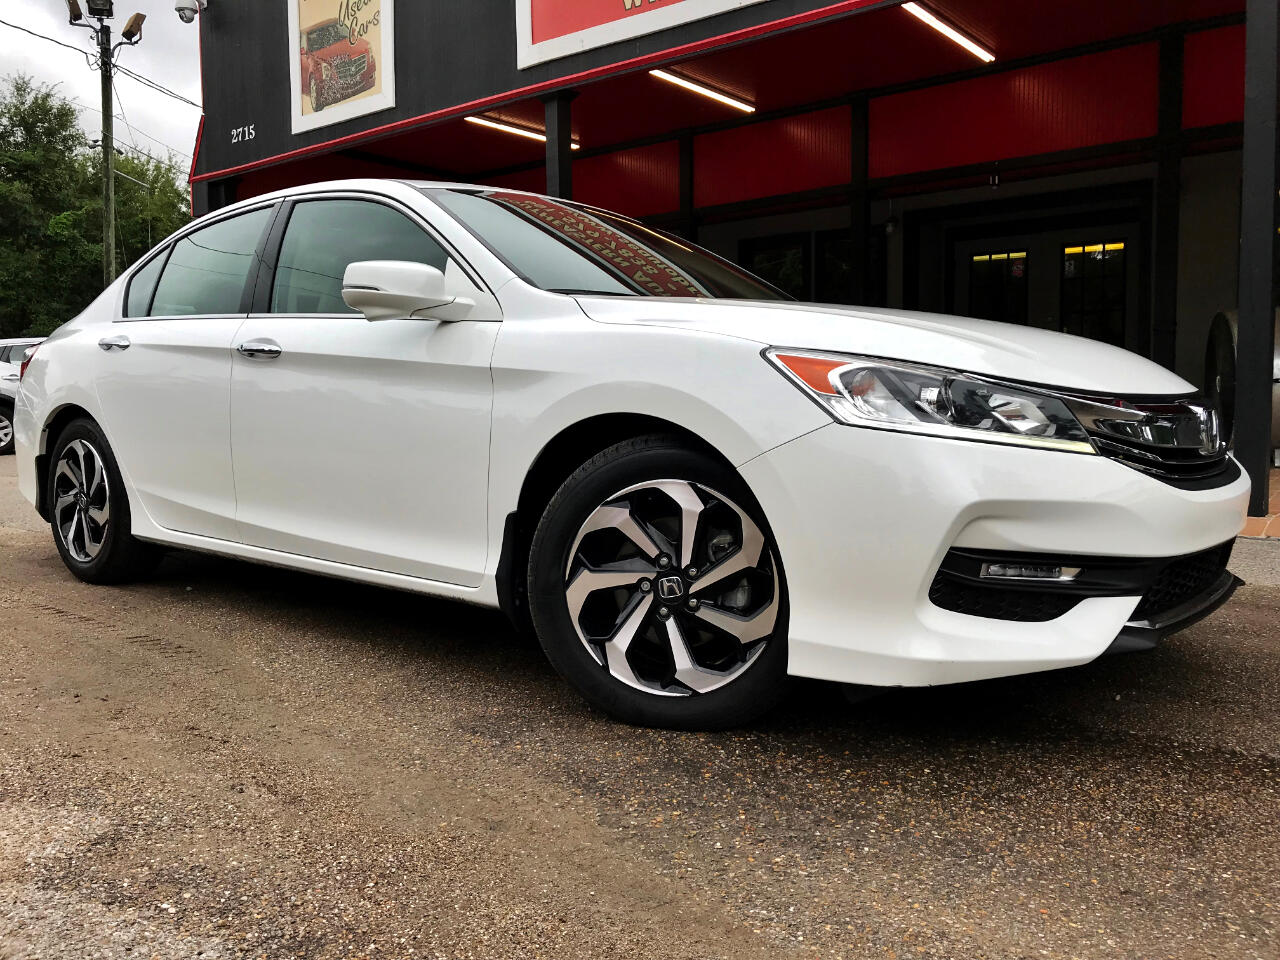 2017 Honda Accord EX-L Sedan V6 6-Spd AT